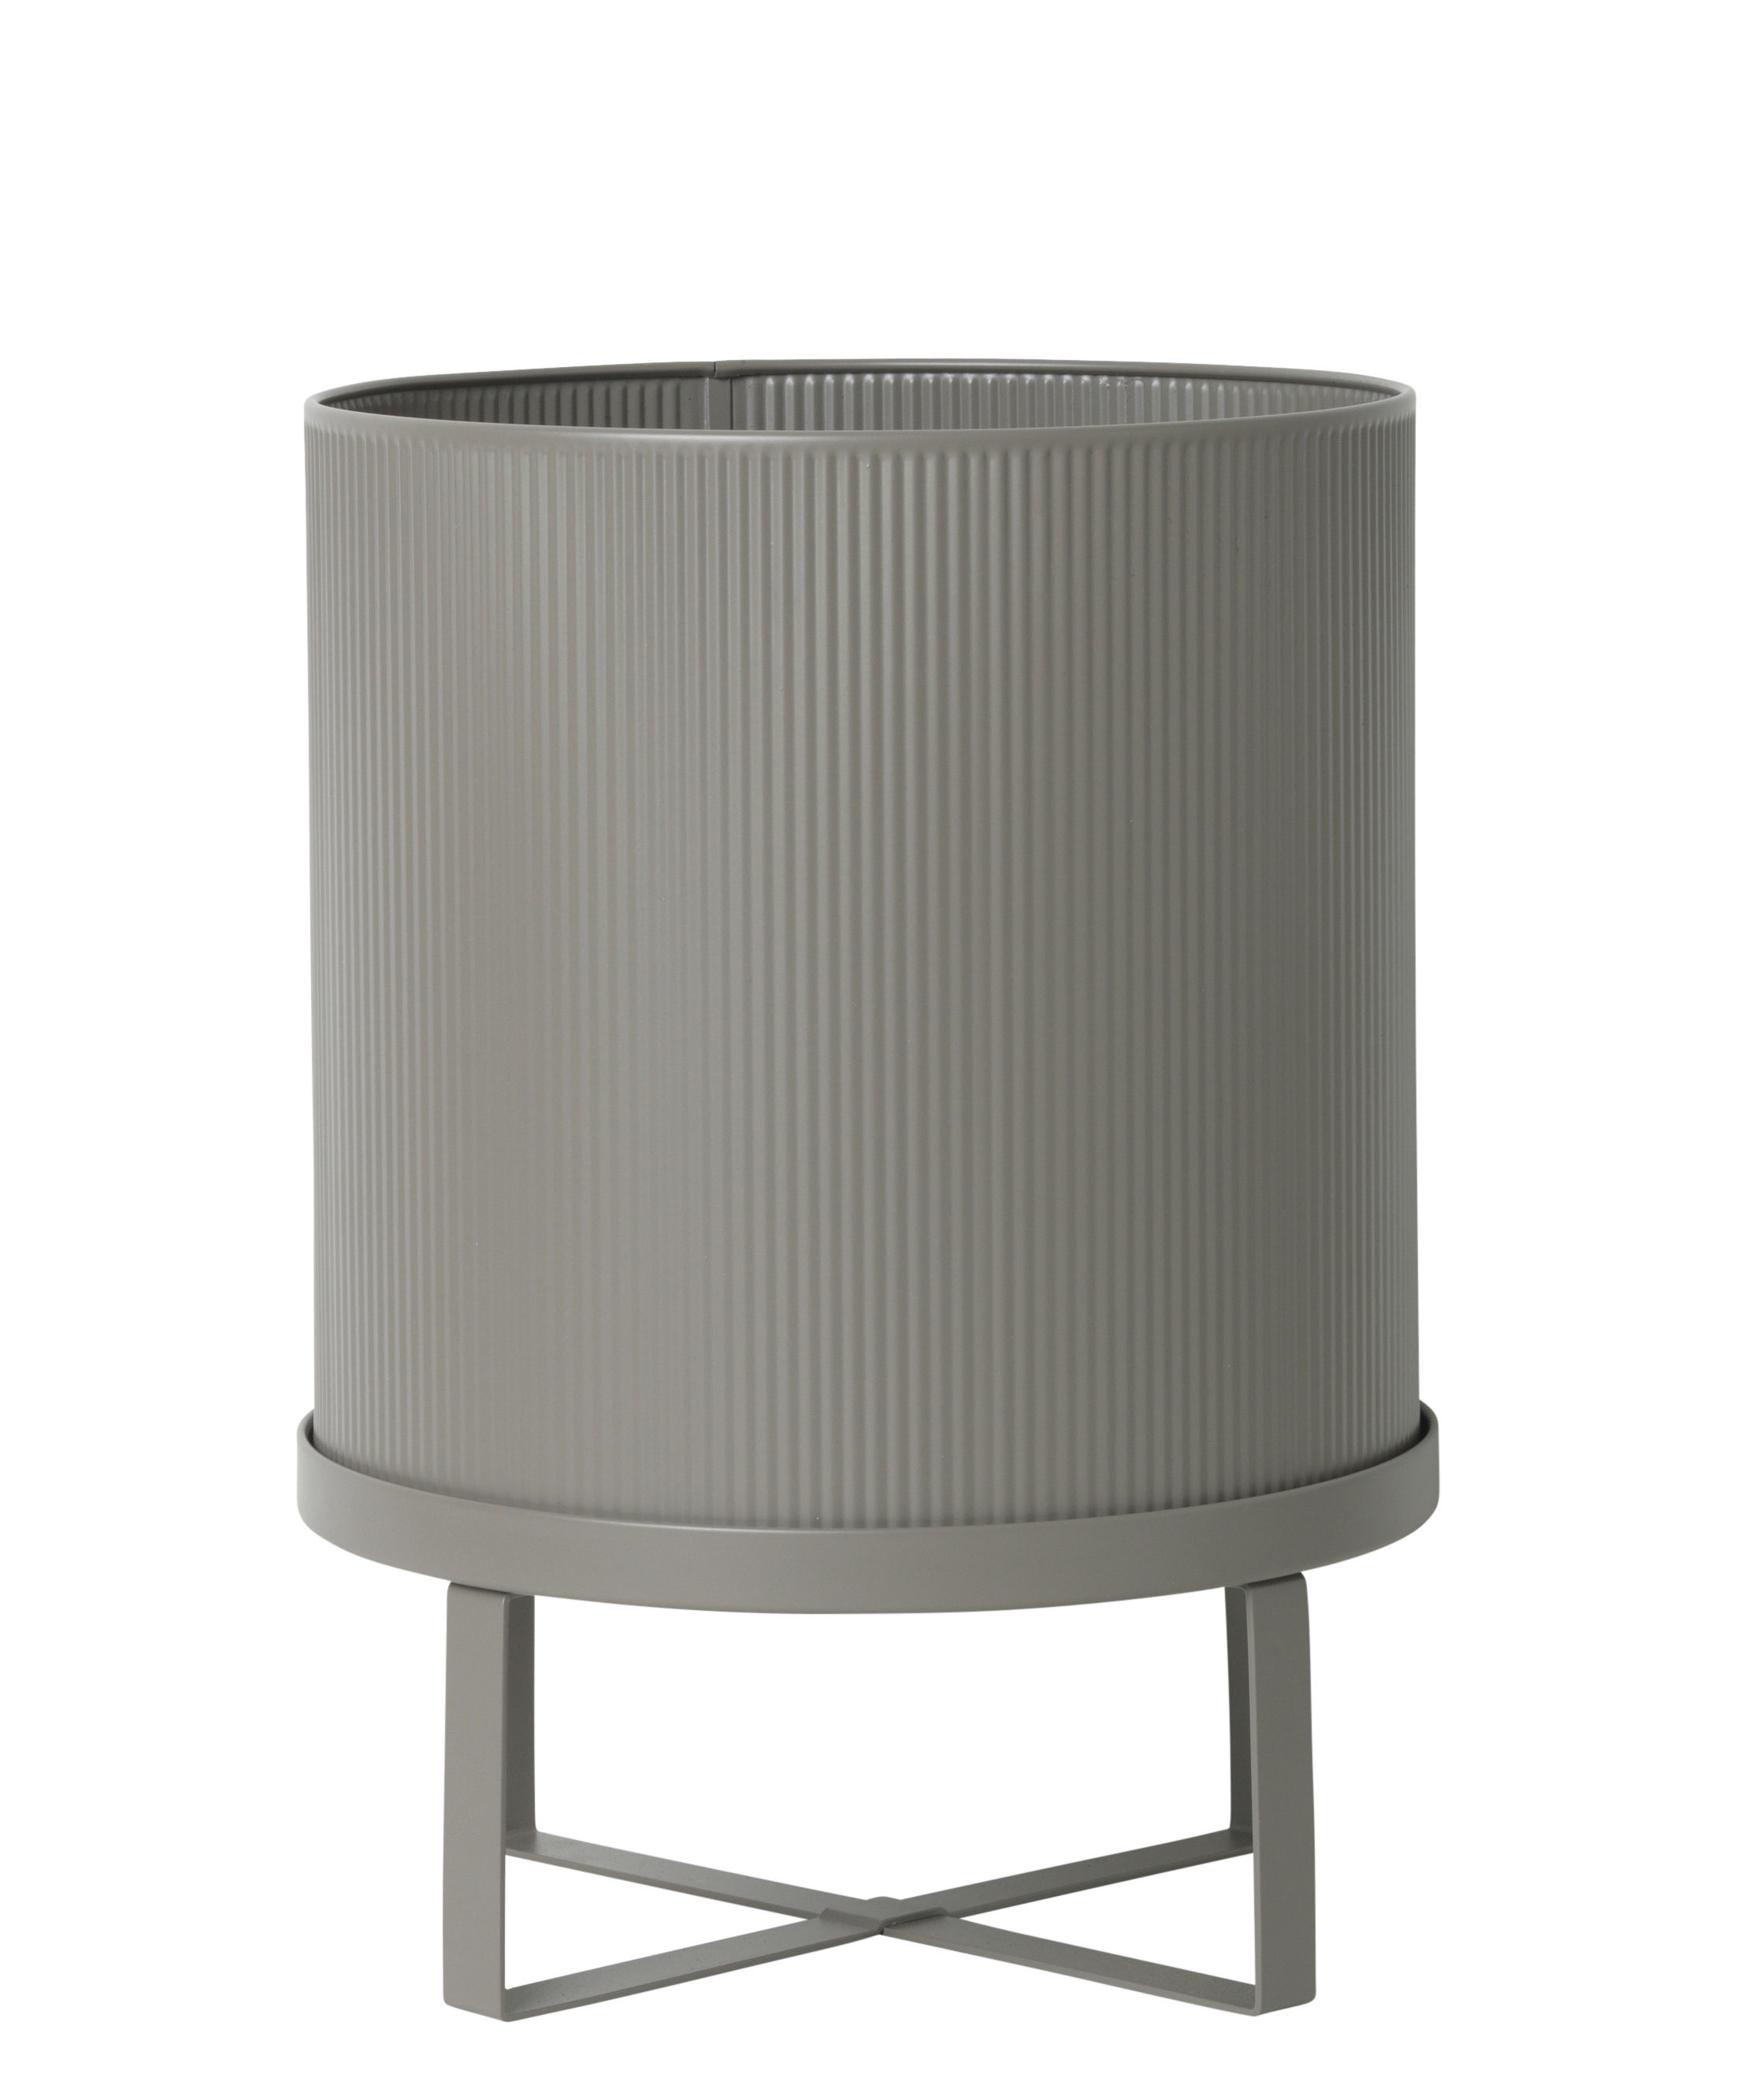 Outdoor - Pots et plantes - Pot de fleurs Bau Large / Ø 28 cm - Métal - Ferm Living - Gris chaud - Acier galvanisé